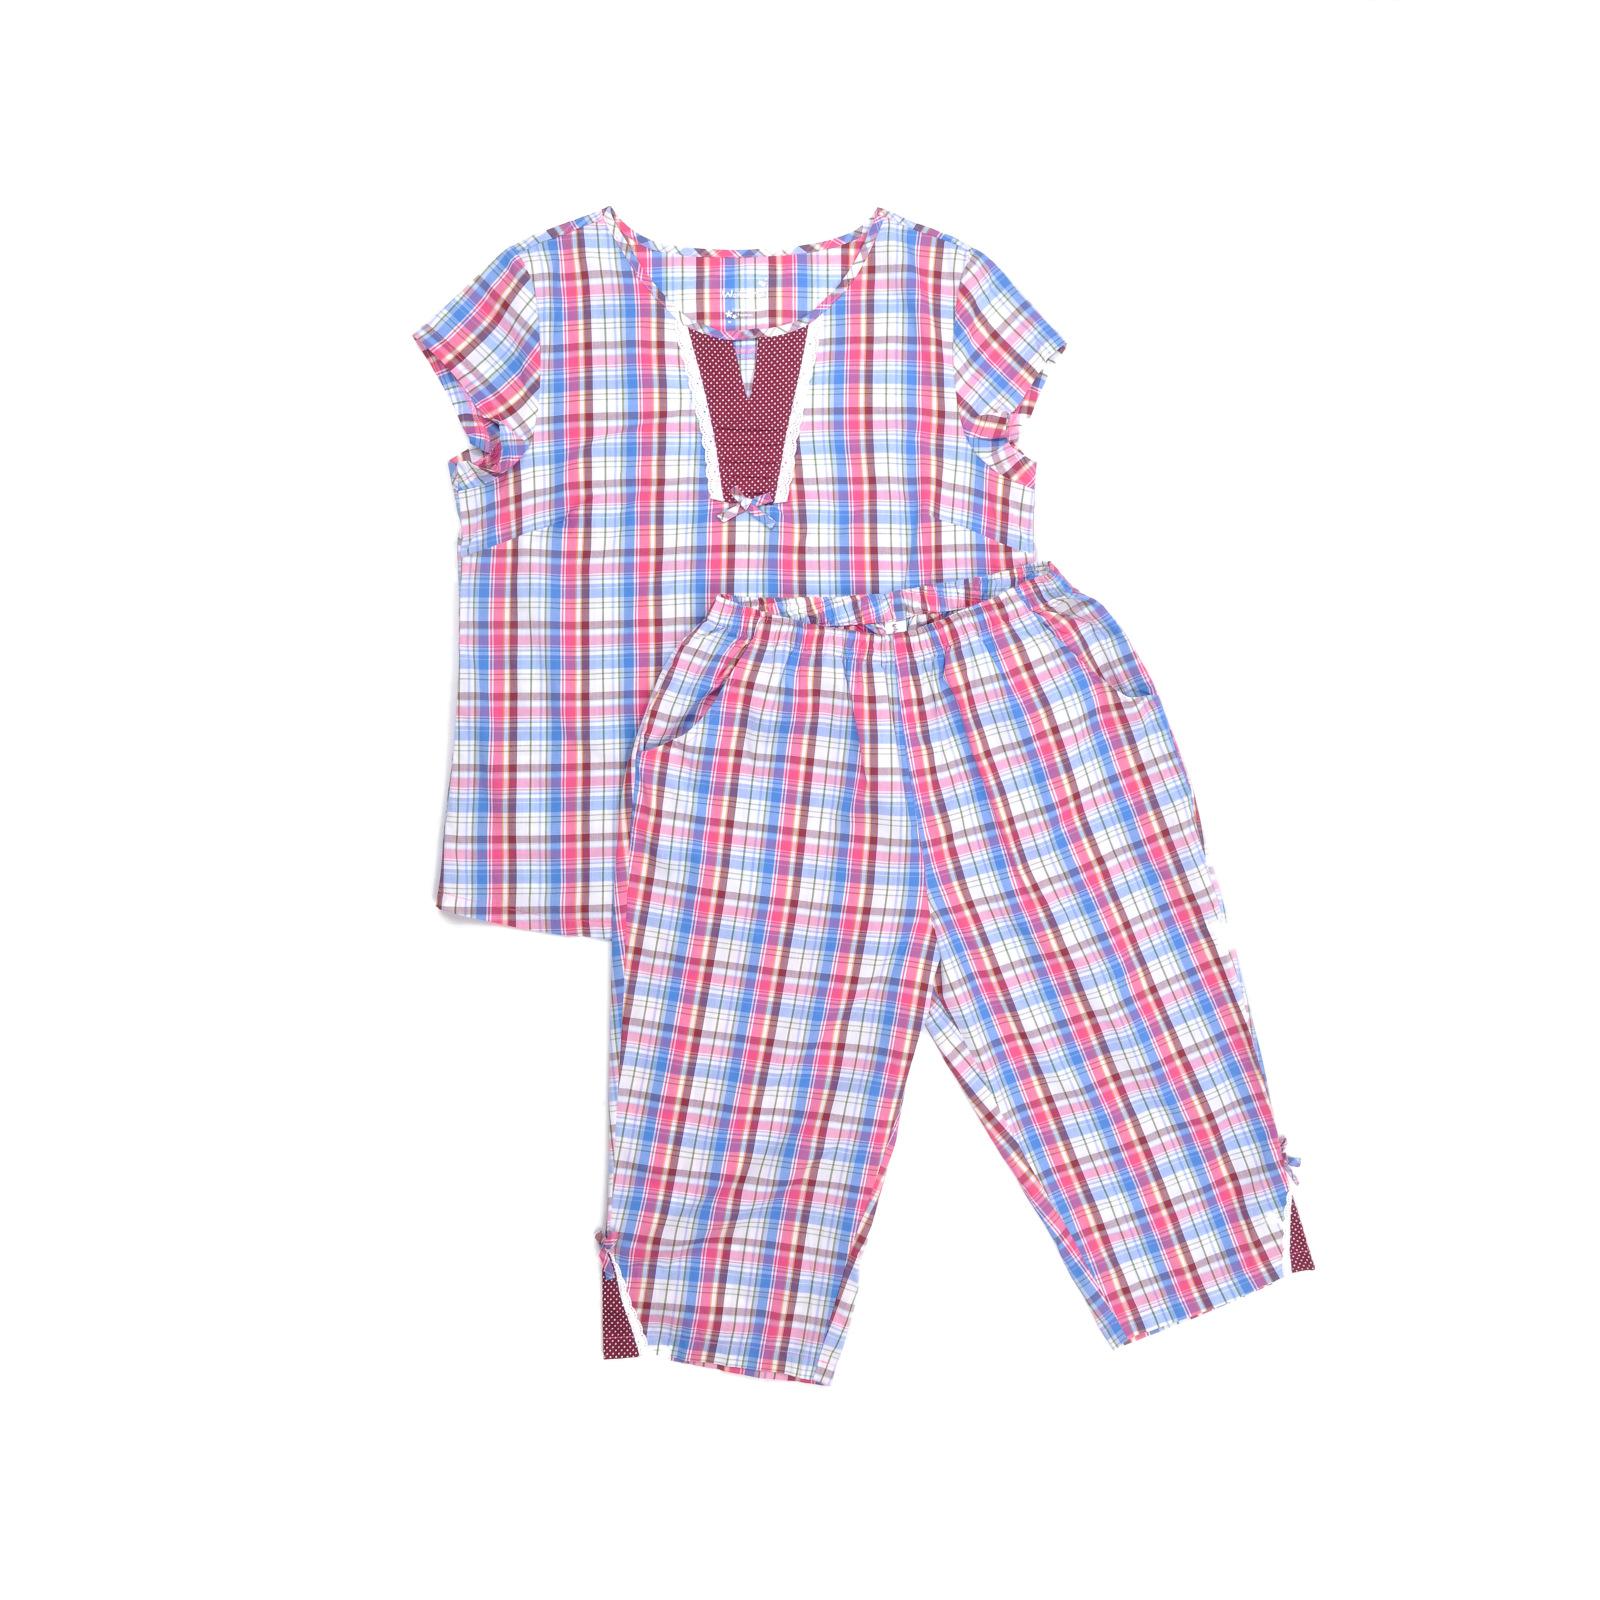 Bộ đồ mặc nhà xuân hè - WWS3208N